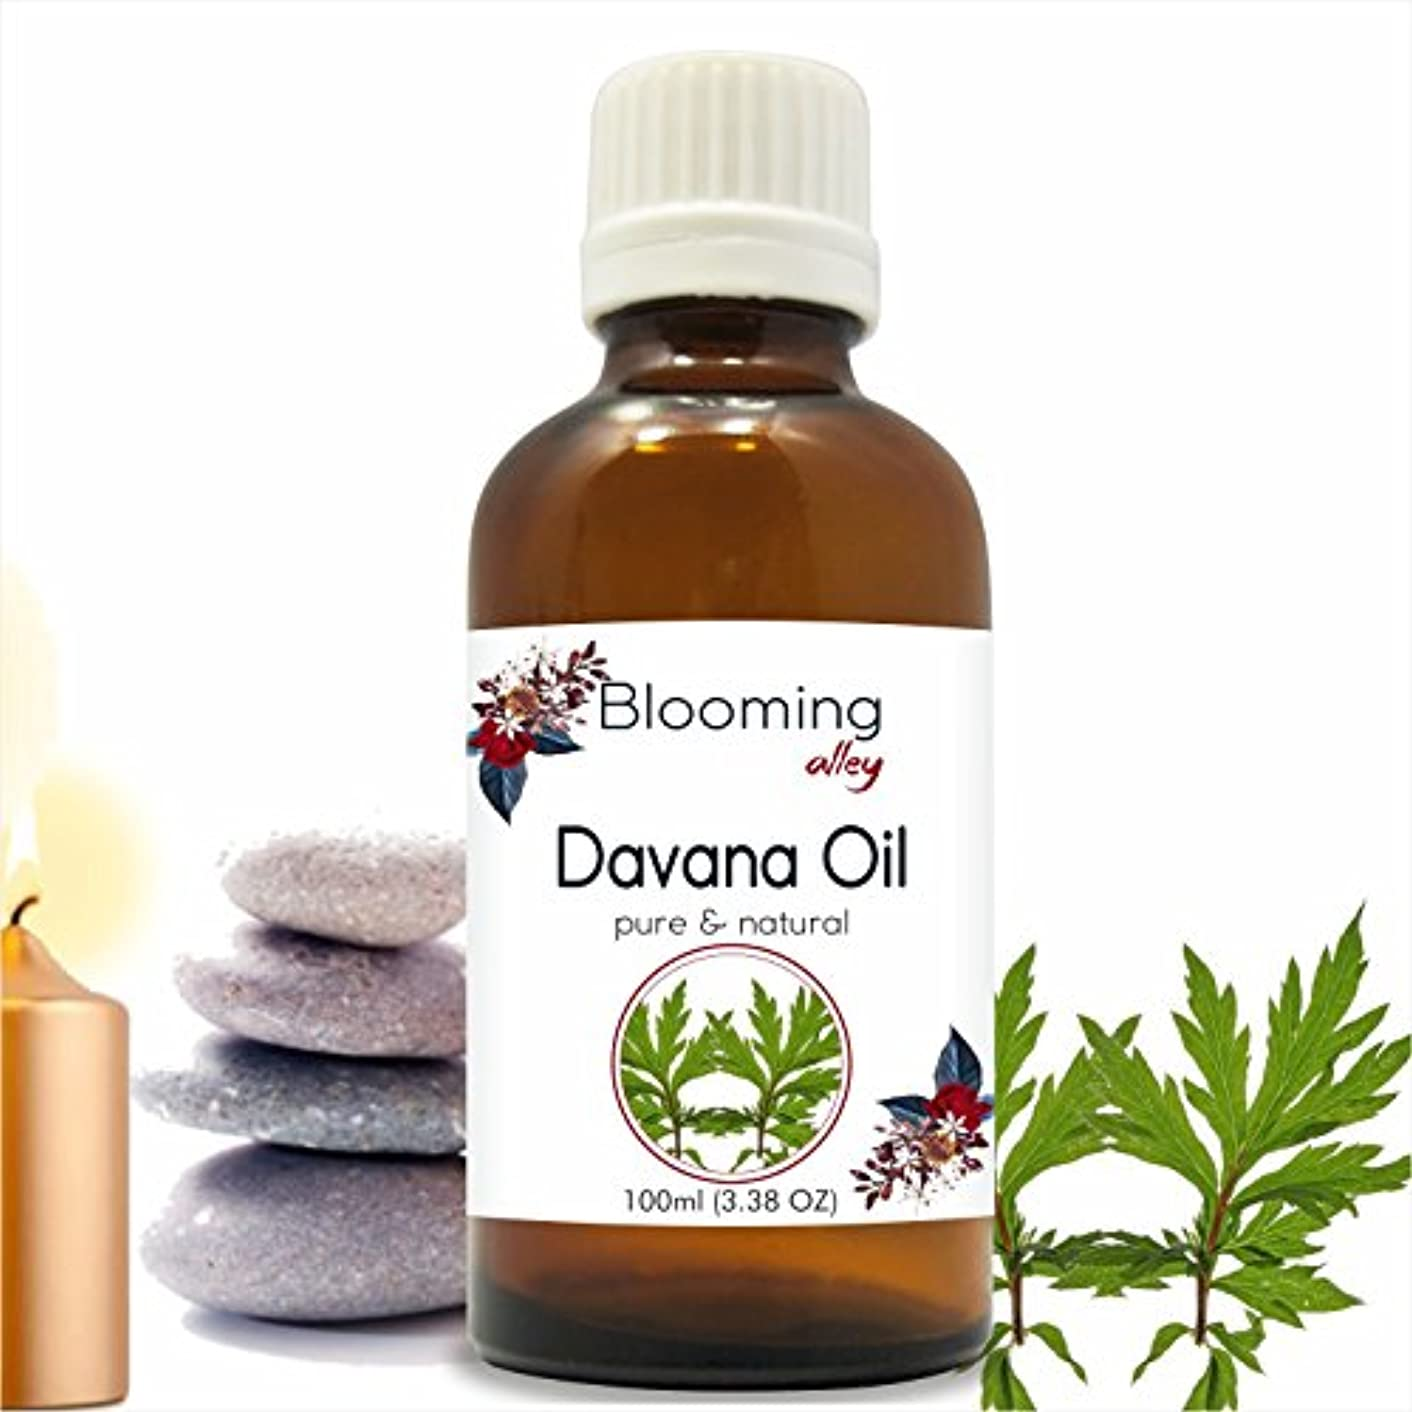 土曜日大きなスケールで見るとパックDavana Oil(Artemisia Pallens) Essential Oil 100 ml or 3.38 Fl Oz by Blooming Alley